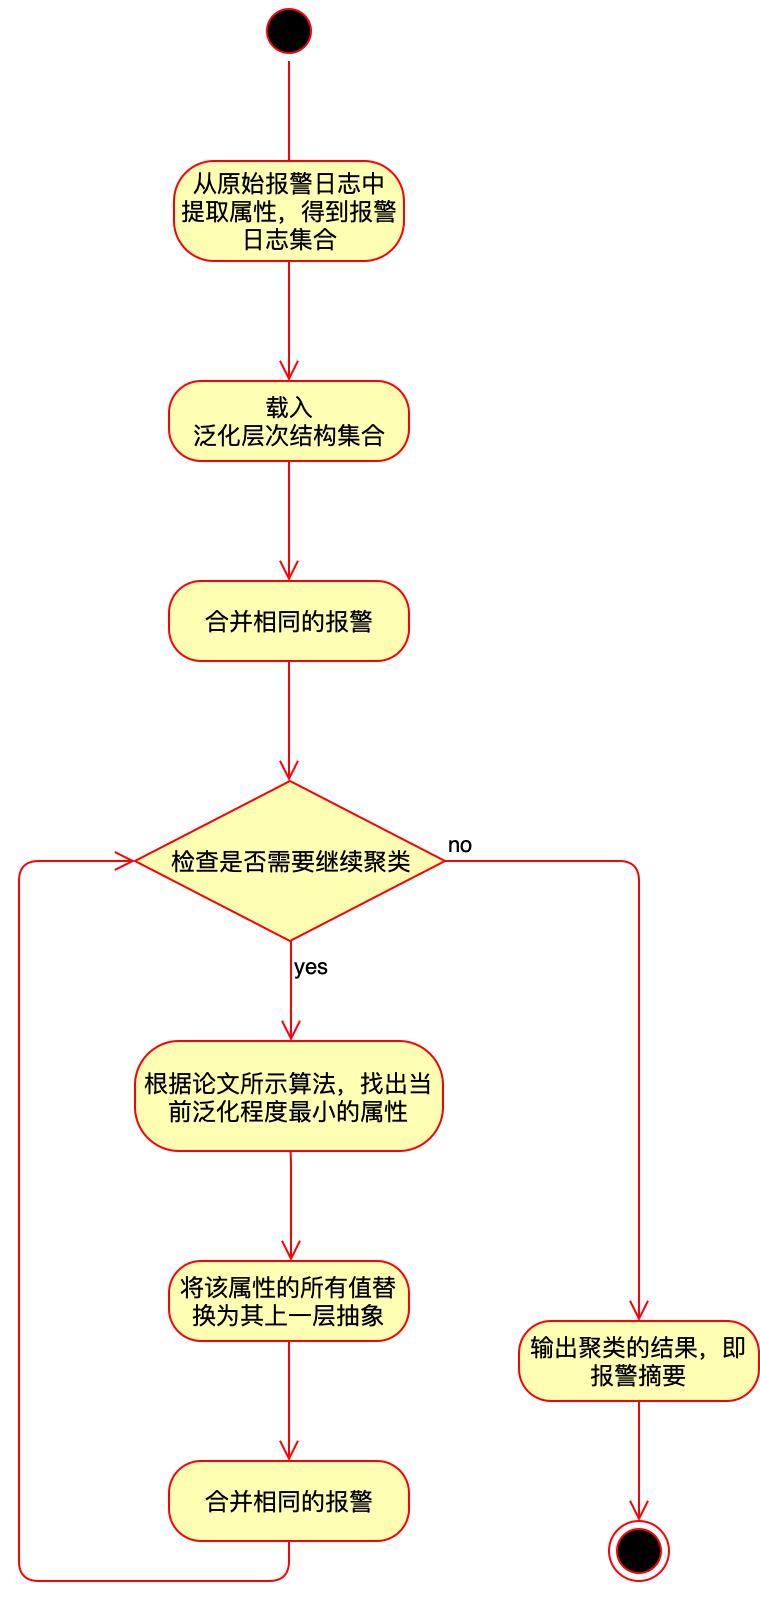 图4 报警日志聚类流程图